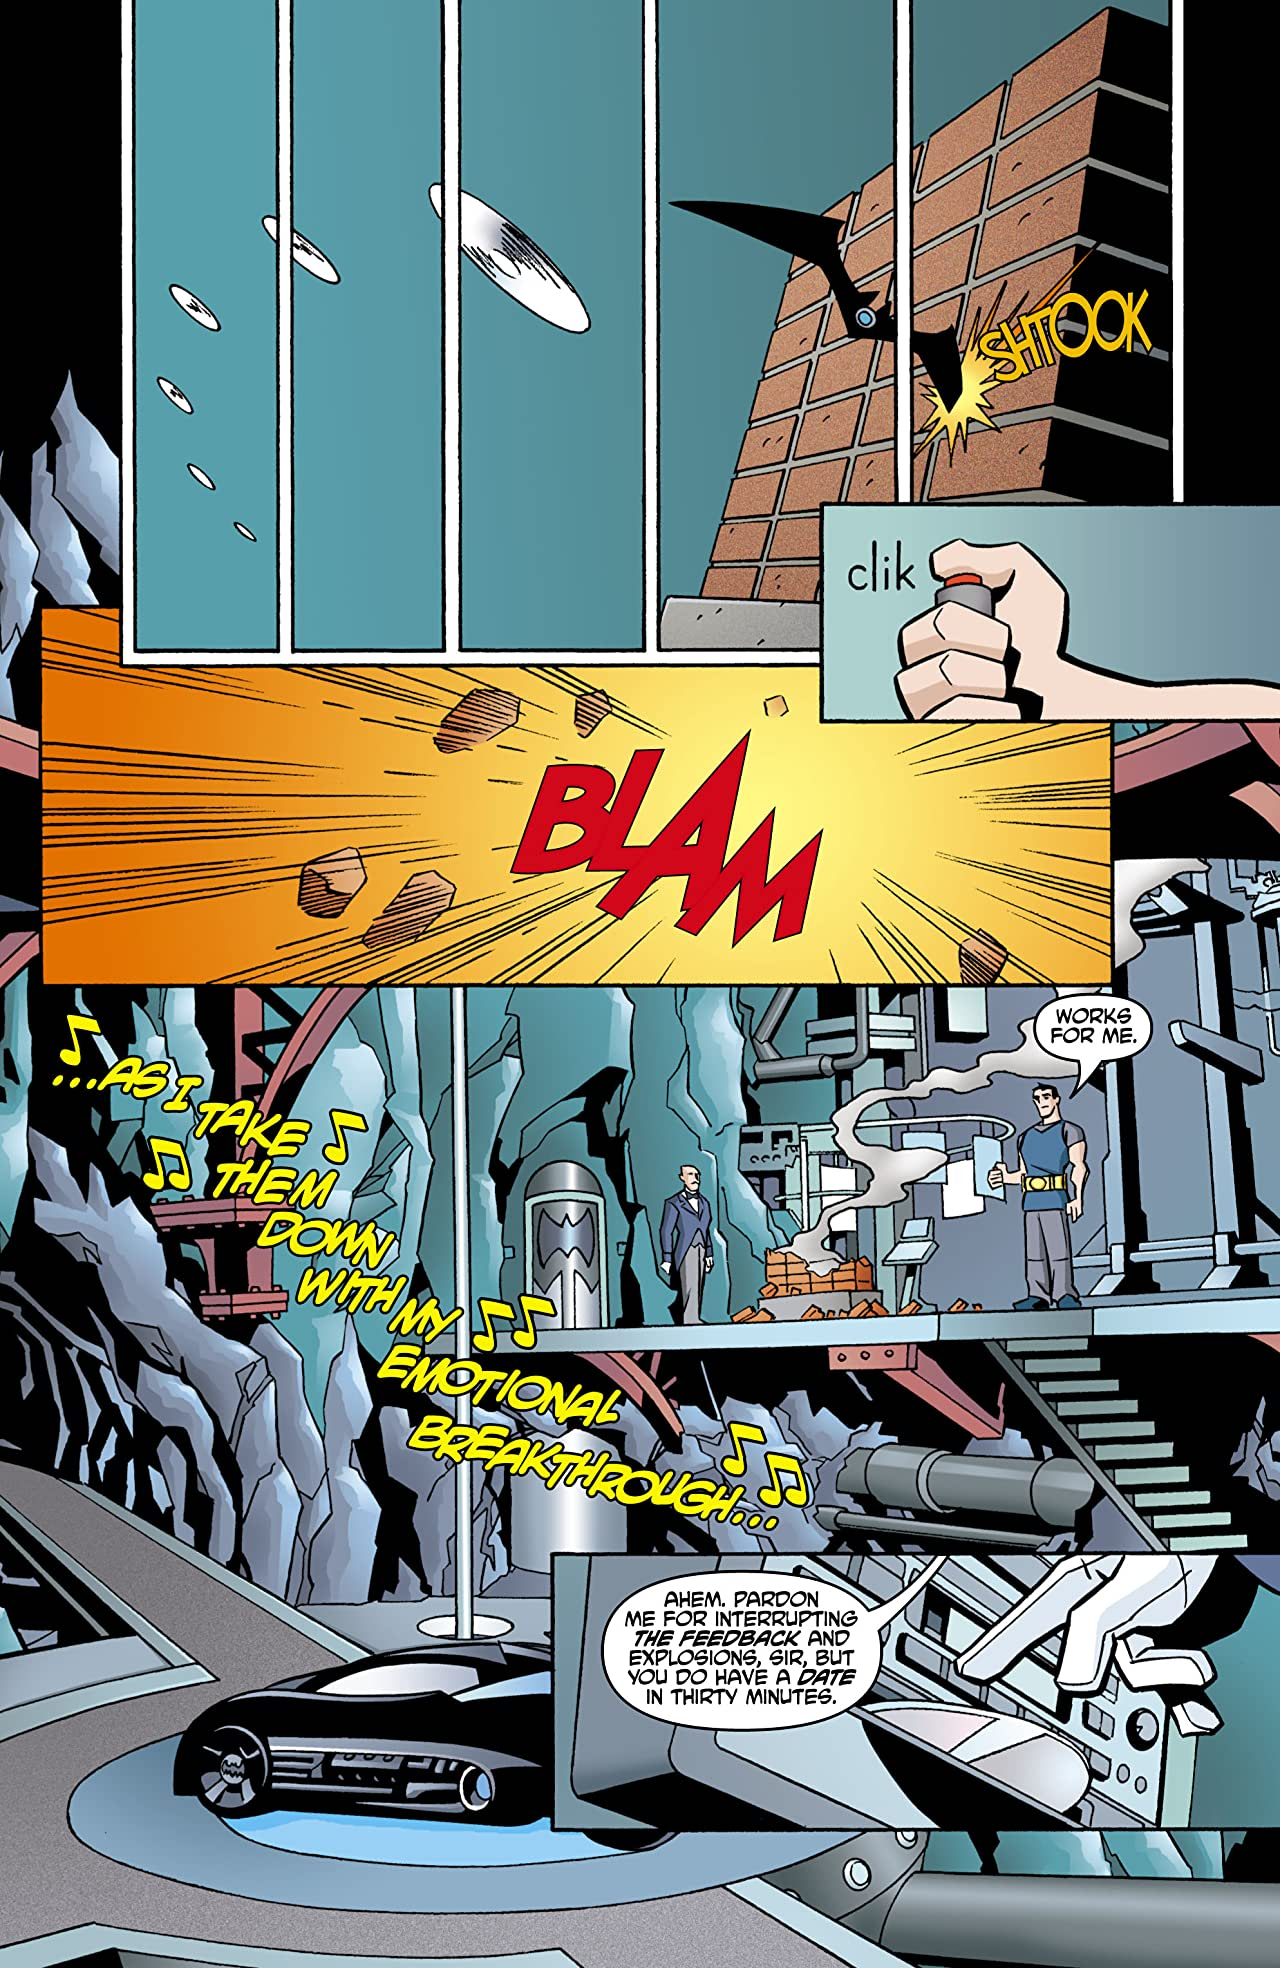 The Batman Strikes! #4